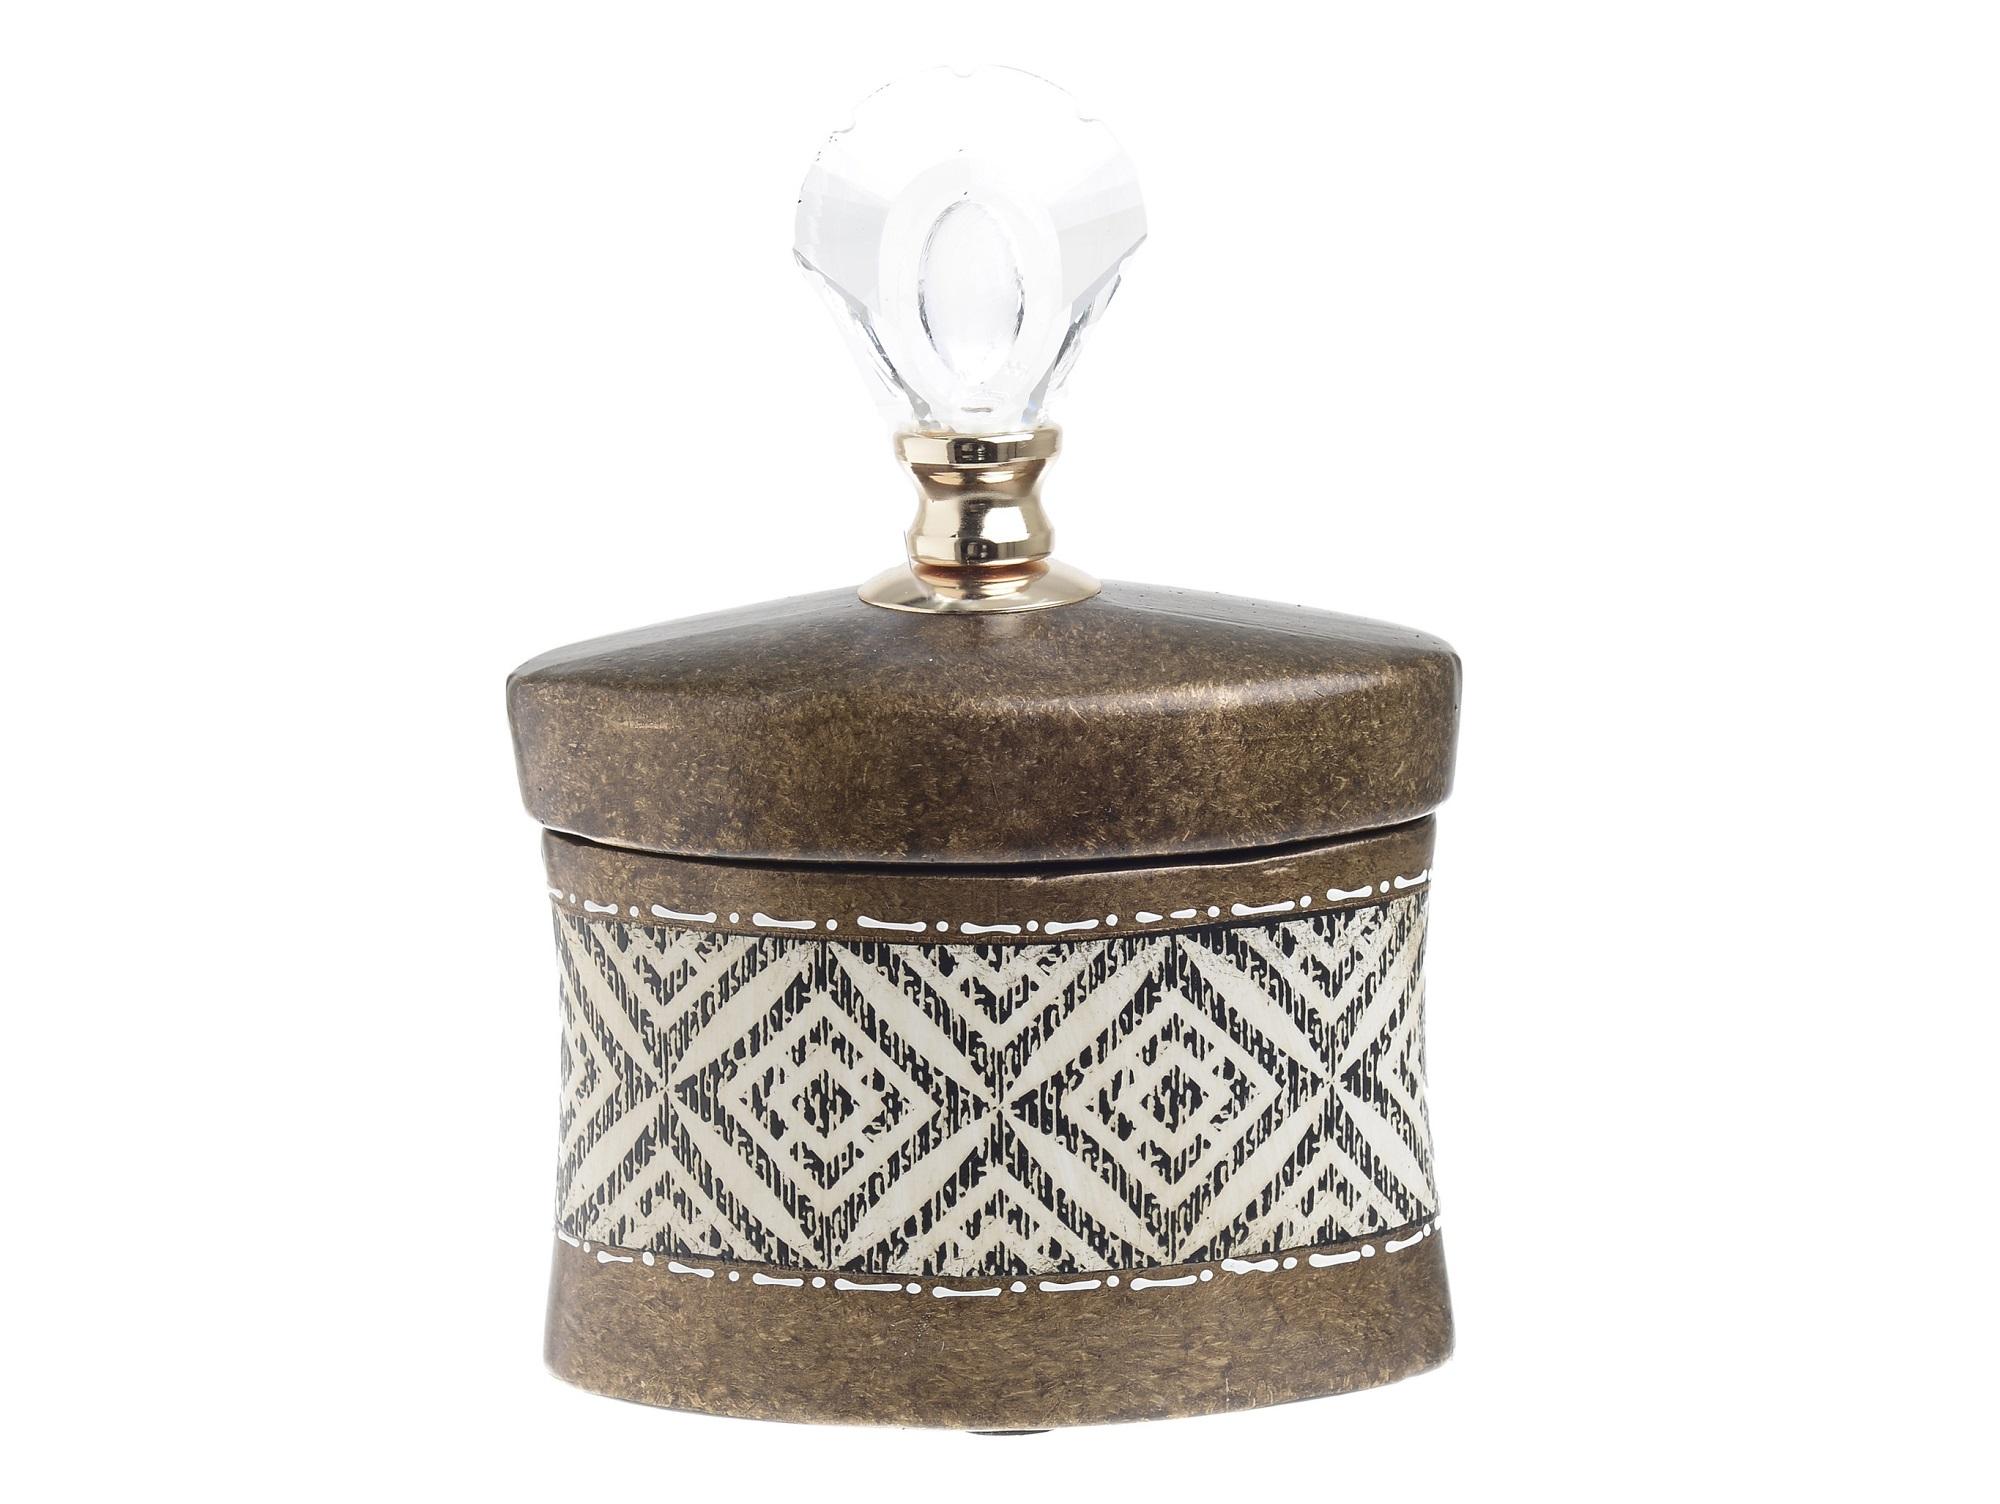 Ваза с крышкой NashЕмкости для хранения<br><br><br>Material: Керамика<br>Ширина см: 16.0<br>Высота см: 19.0<br>Глубина см: 8.5